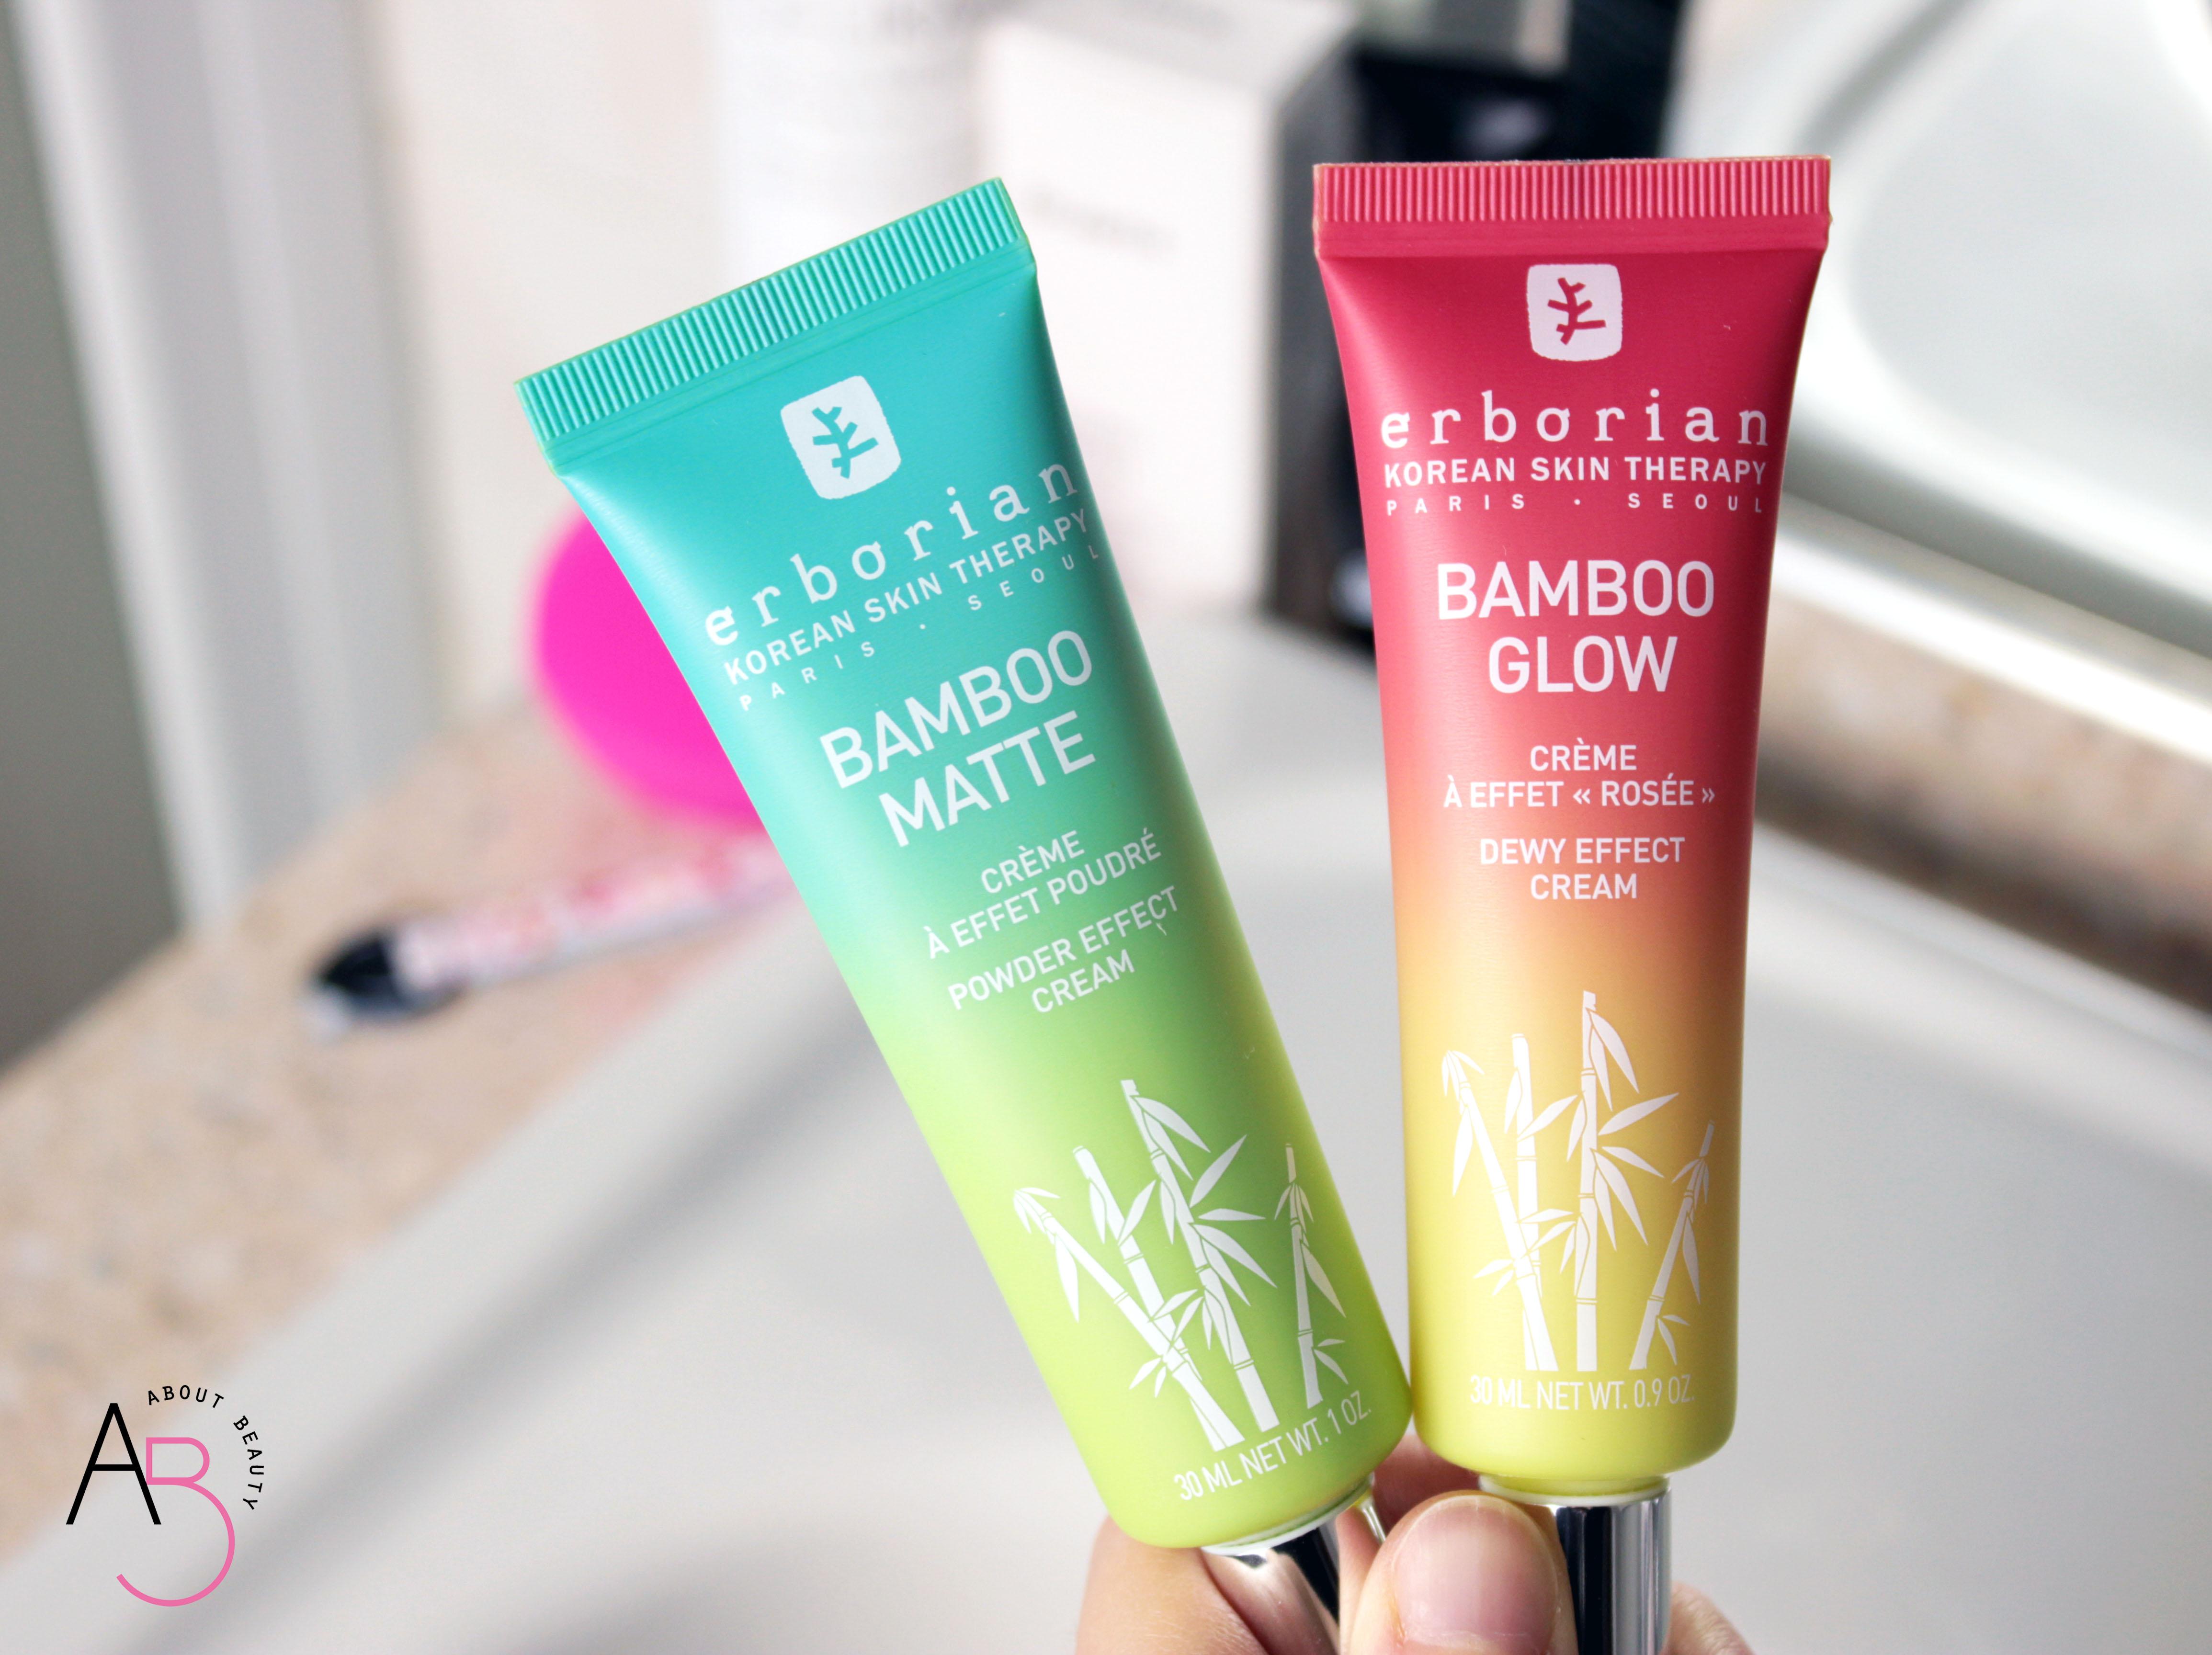 novità Erborian Summer 2018 - Bamboo Matte, Bamboo Glow, Matte Crème - Review, recensione, info, prezzo, dove acquistare, opinioni